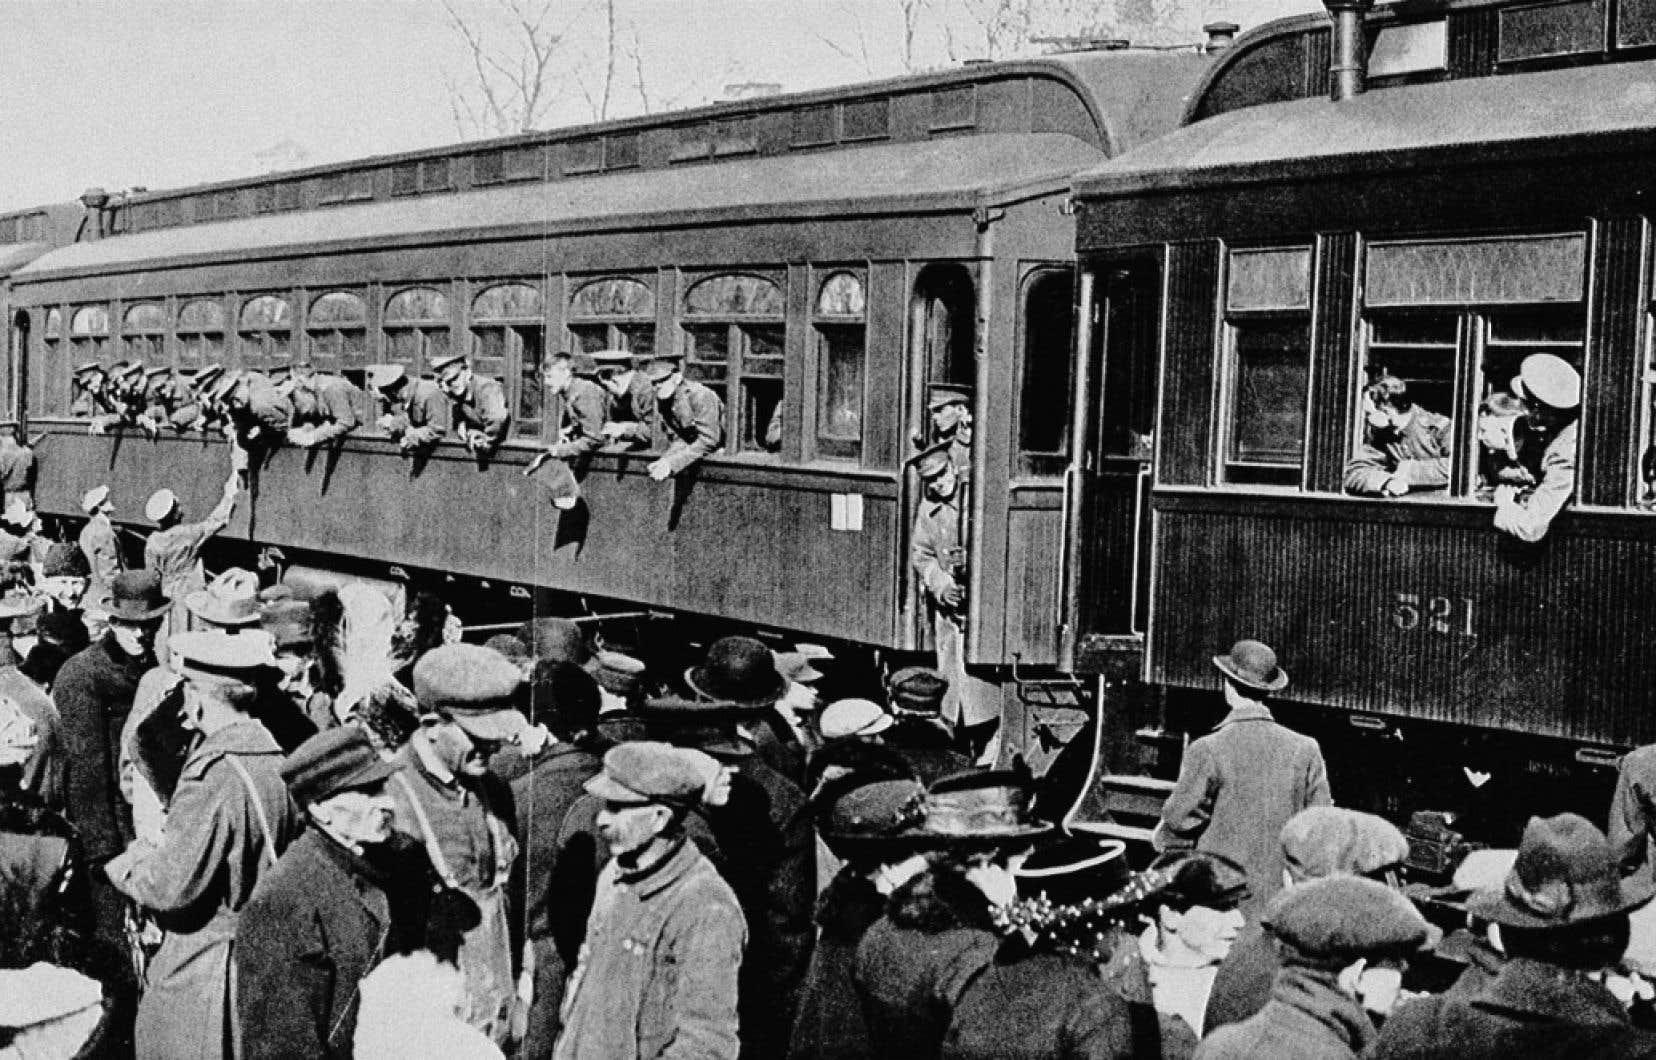 Le 22ebataillon, premier bataillon canadien-français, part de Saint-Jean de Terre-Neuve en 1915. Après quelques semaines d'entraînement en Grande-Bretagne, les troupes iront combattre en France.